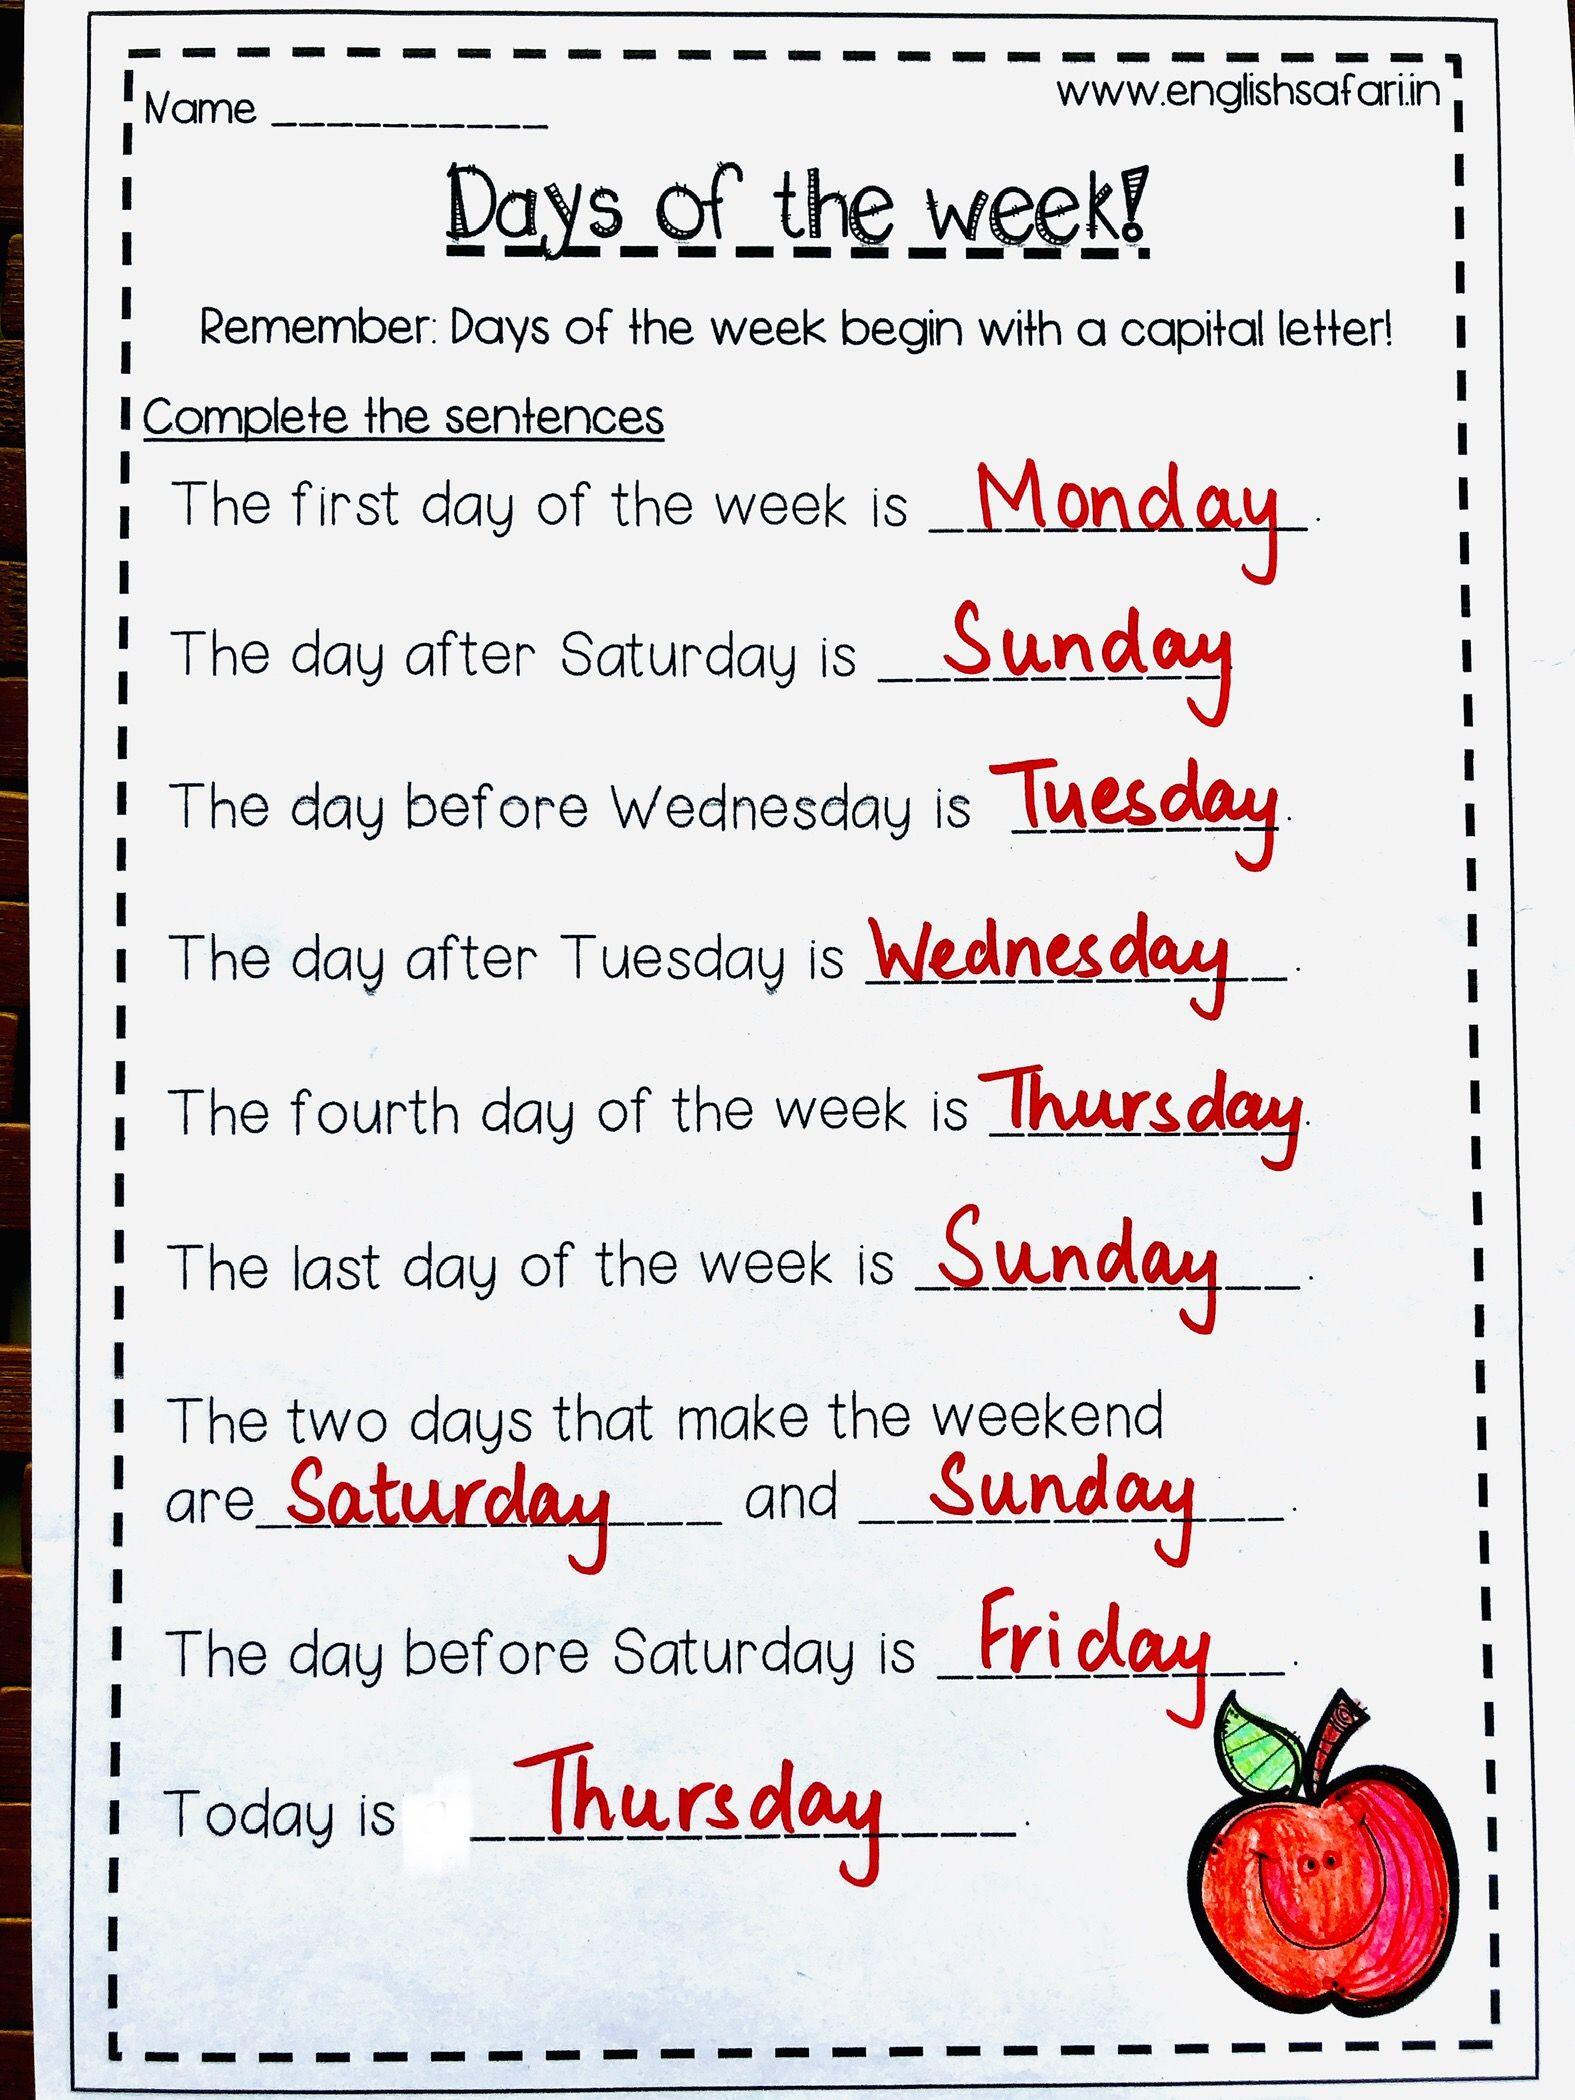 Free Days Of The Week Worksheet In